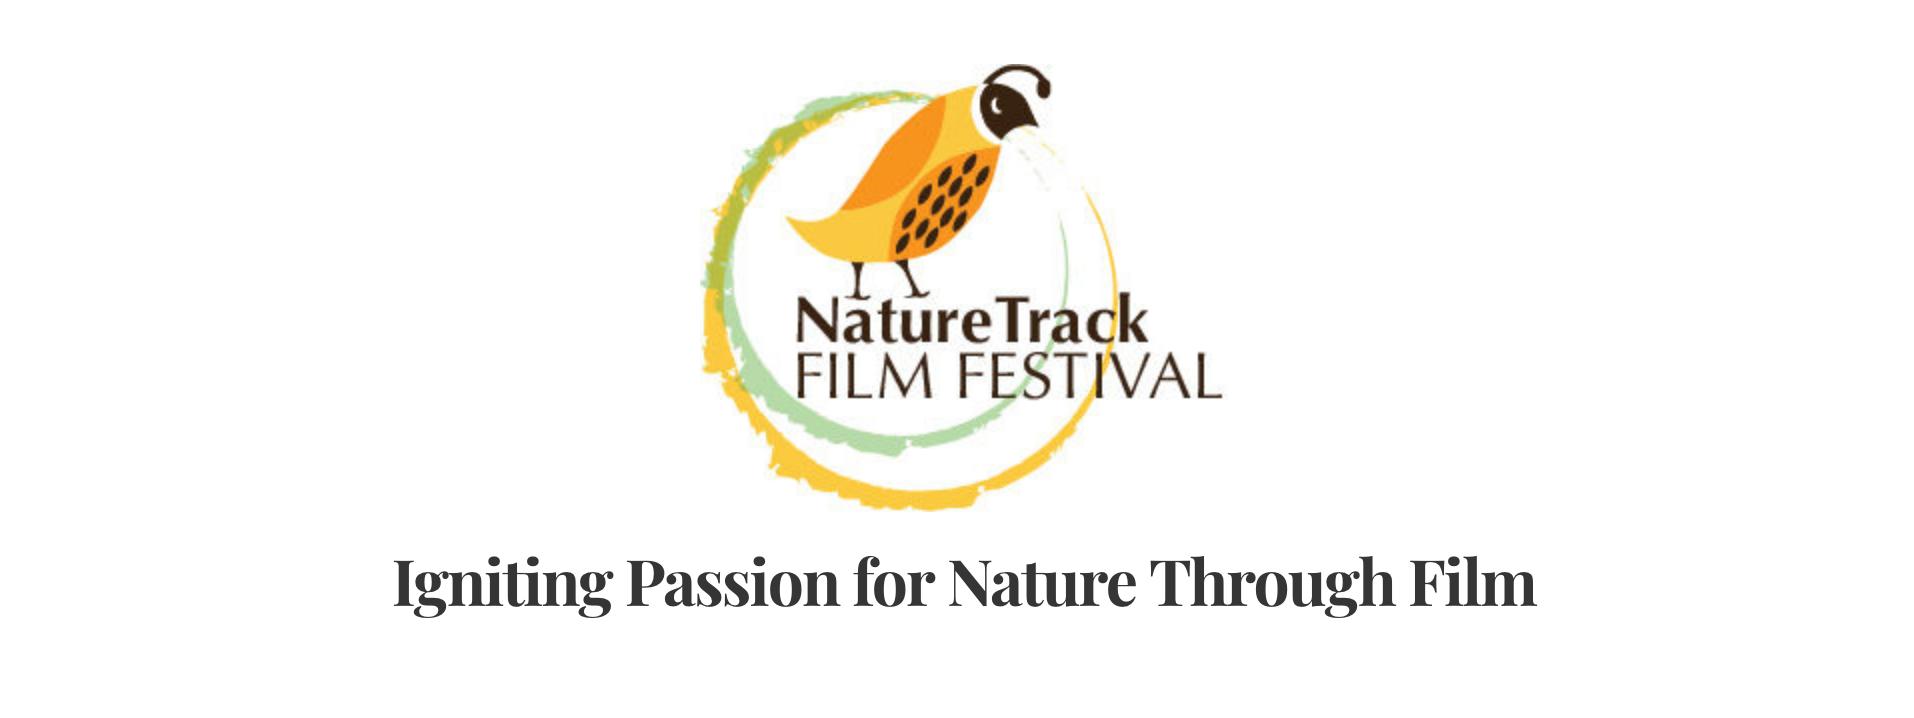 NatureTrack Film Festival